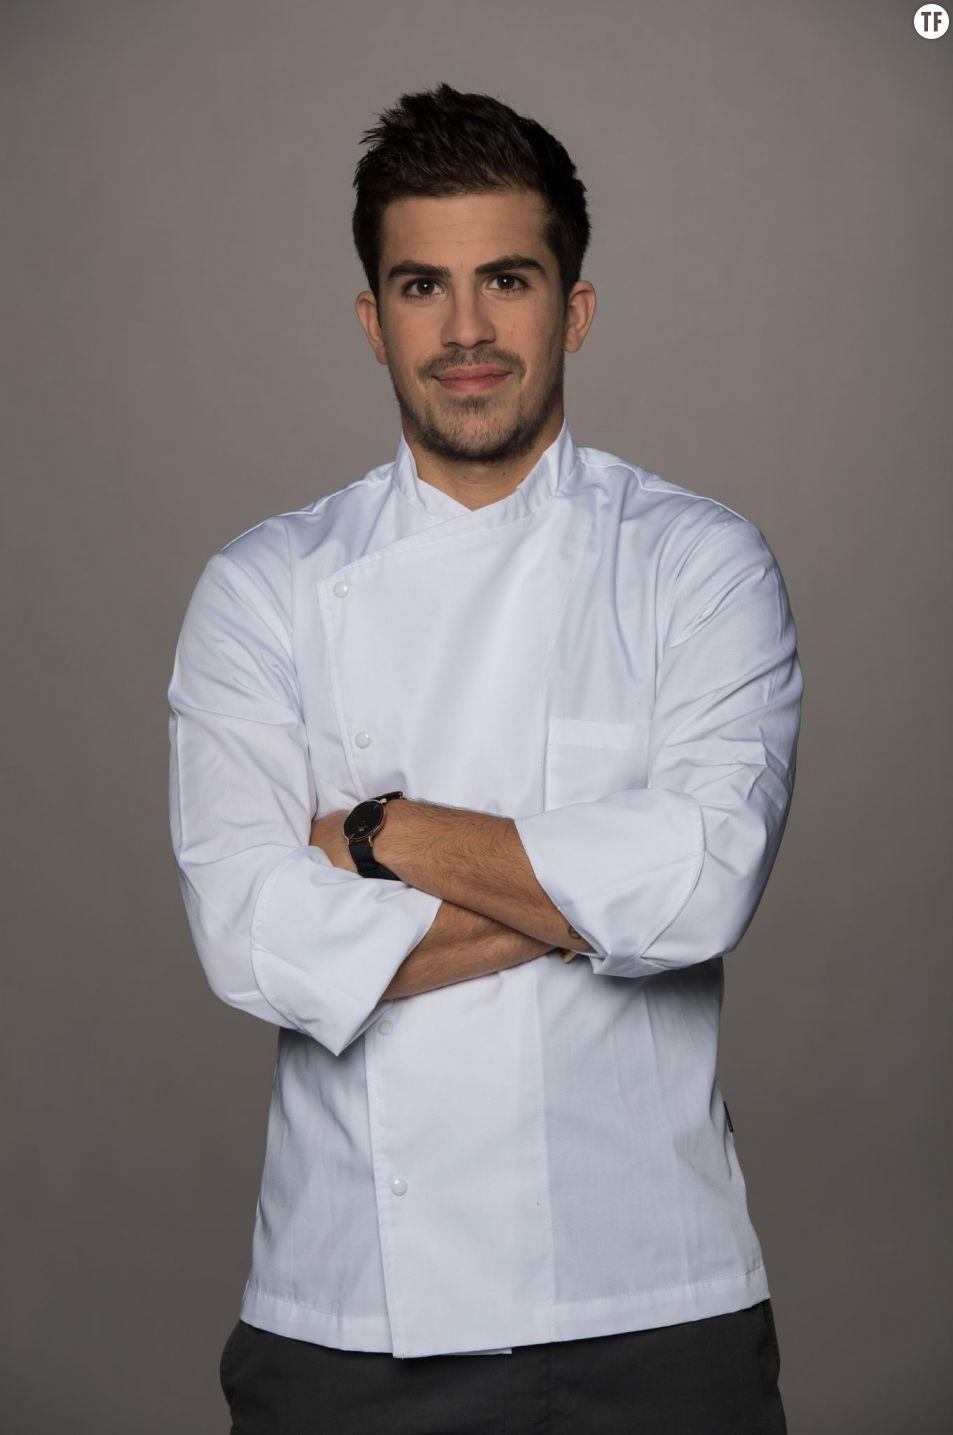 Top chef saison 9, Victor Mercier, 26 ans